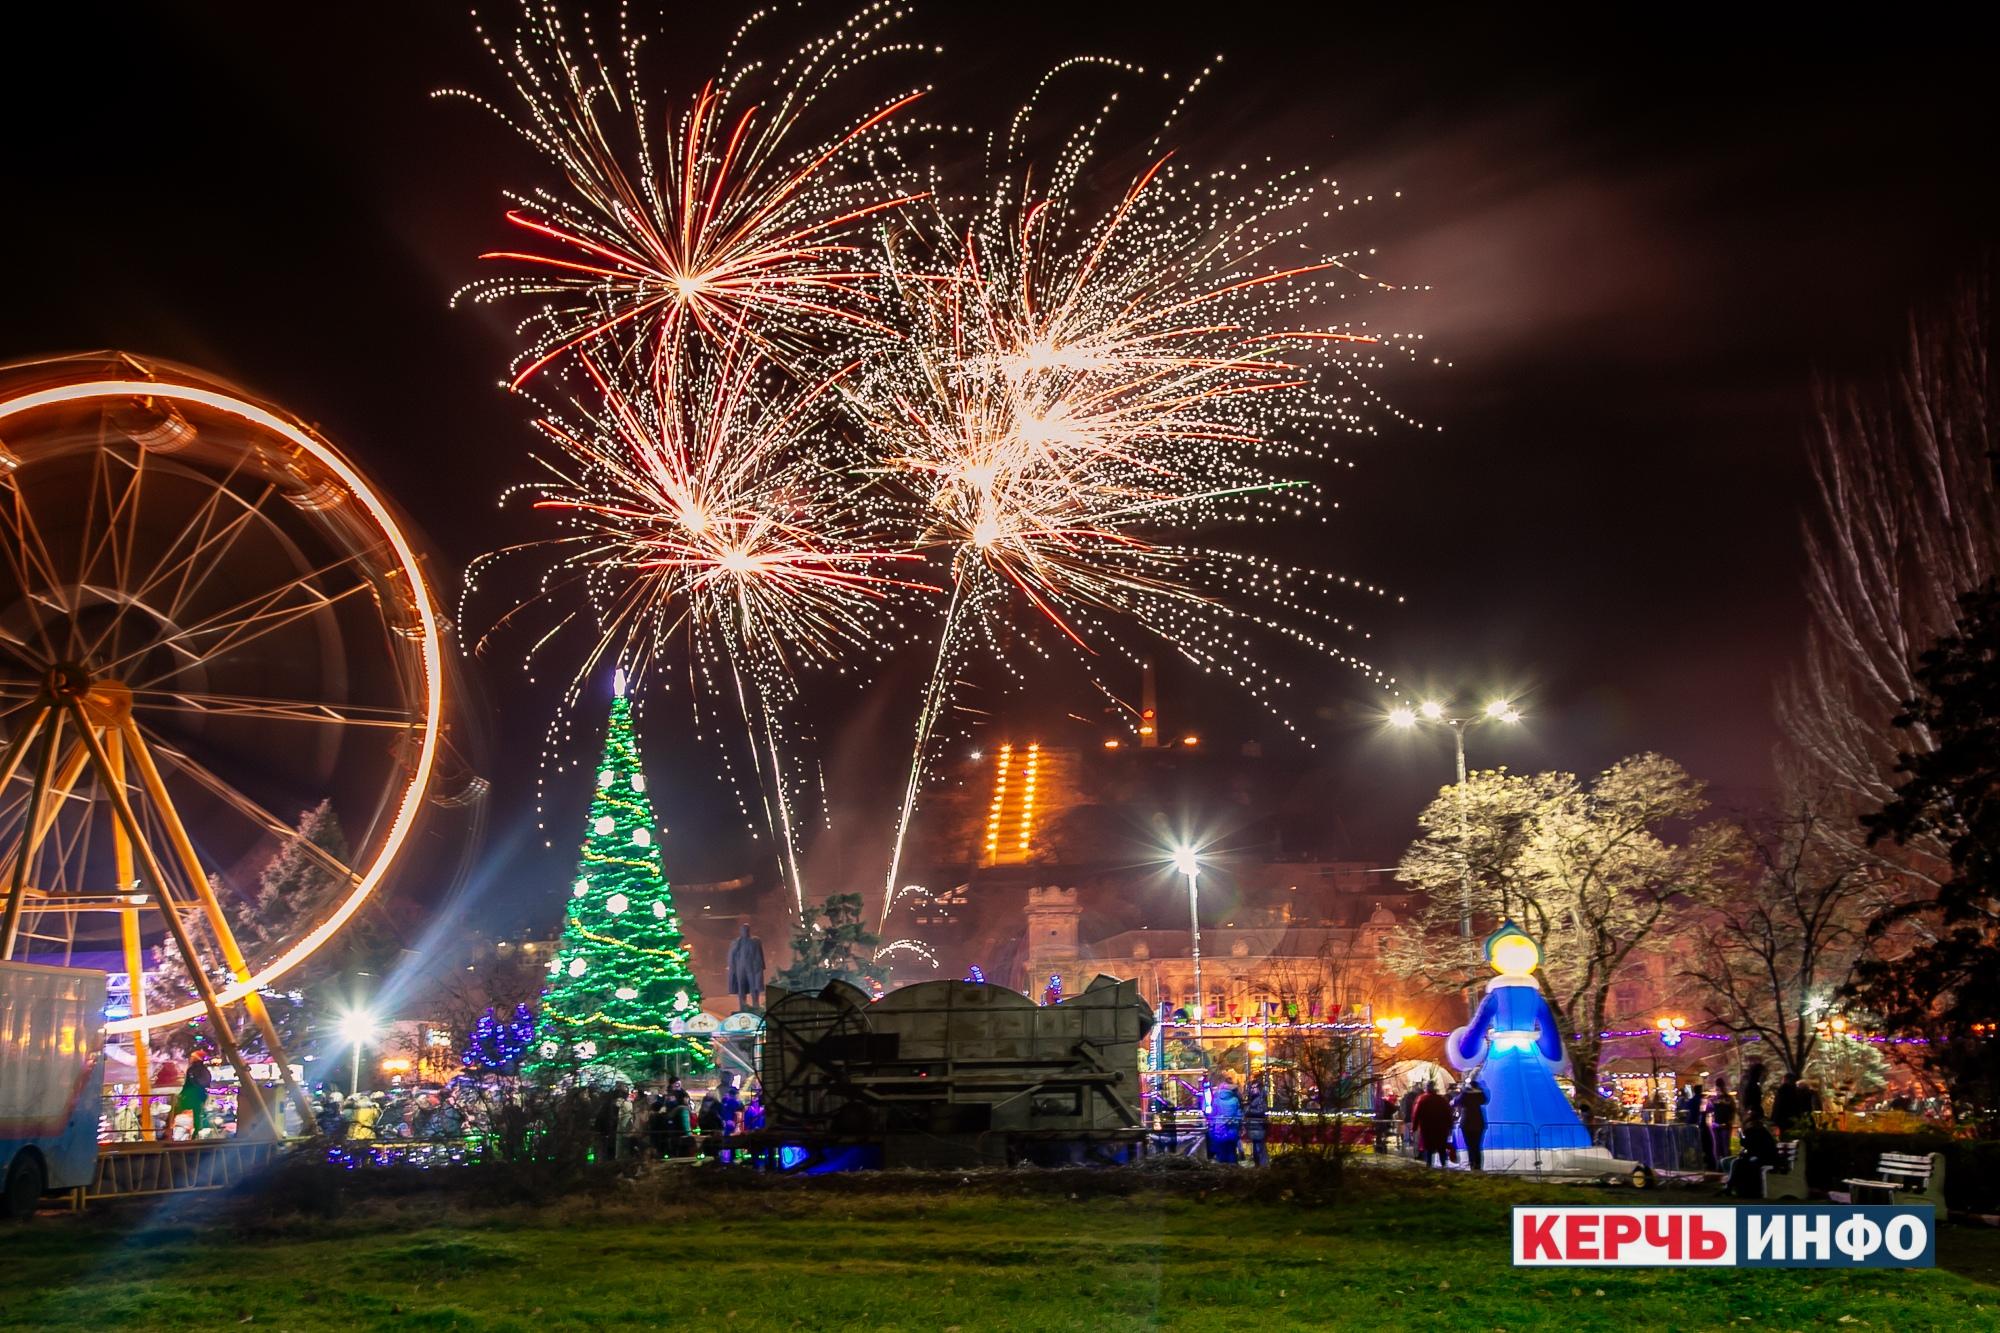 Фейерверк на открытие зимних праздников в Керчи, 22 декабря 2018 года. Новый год и Рождество в Керчи - работа пиротехнического шоу из Евпатории